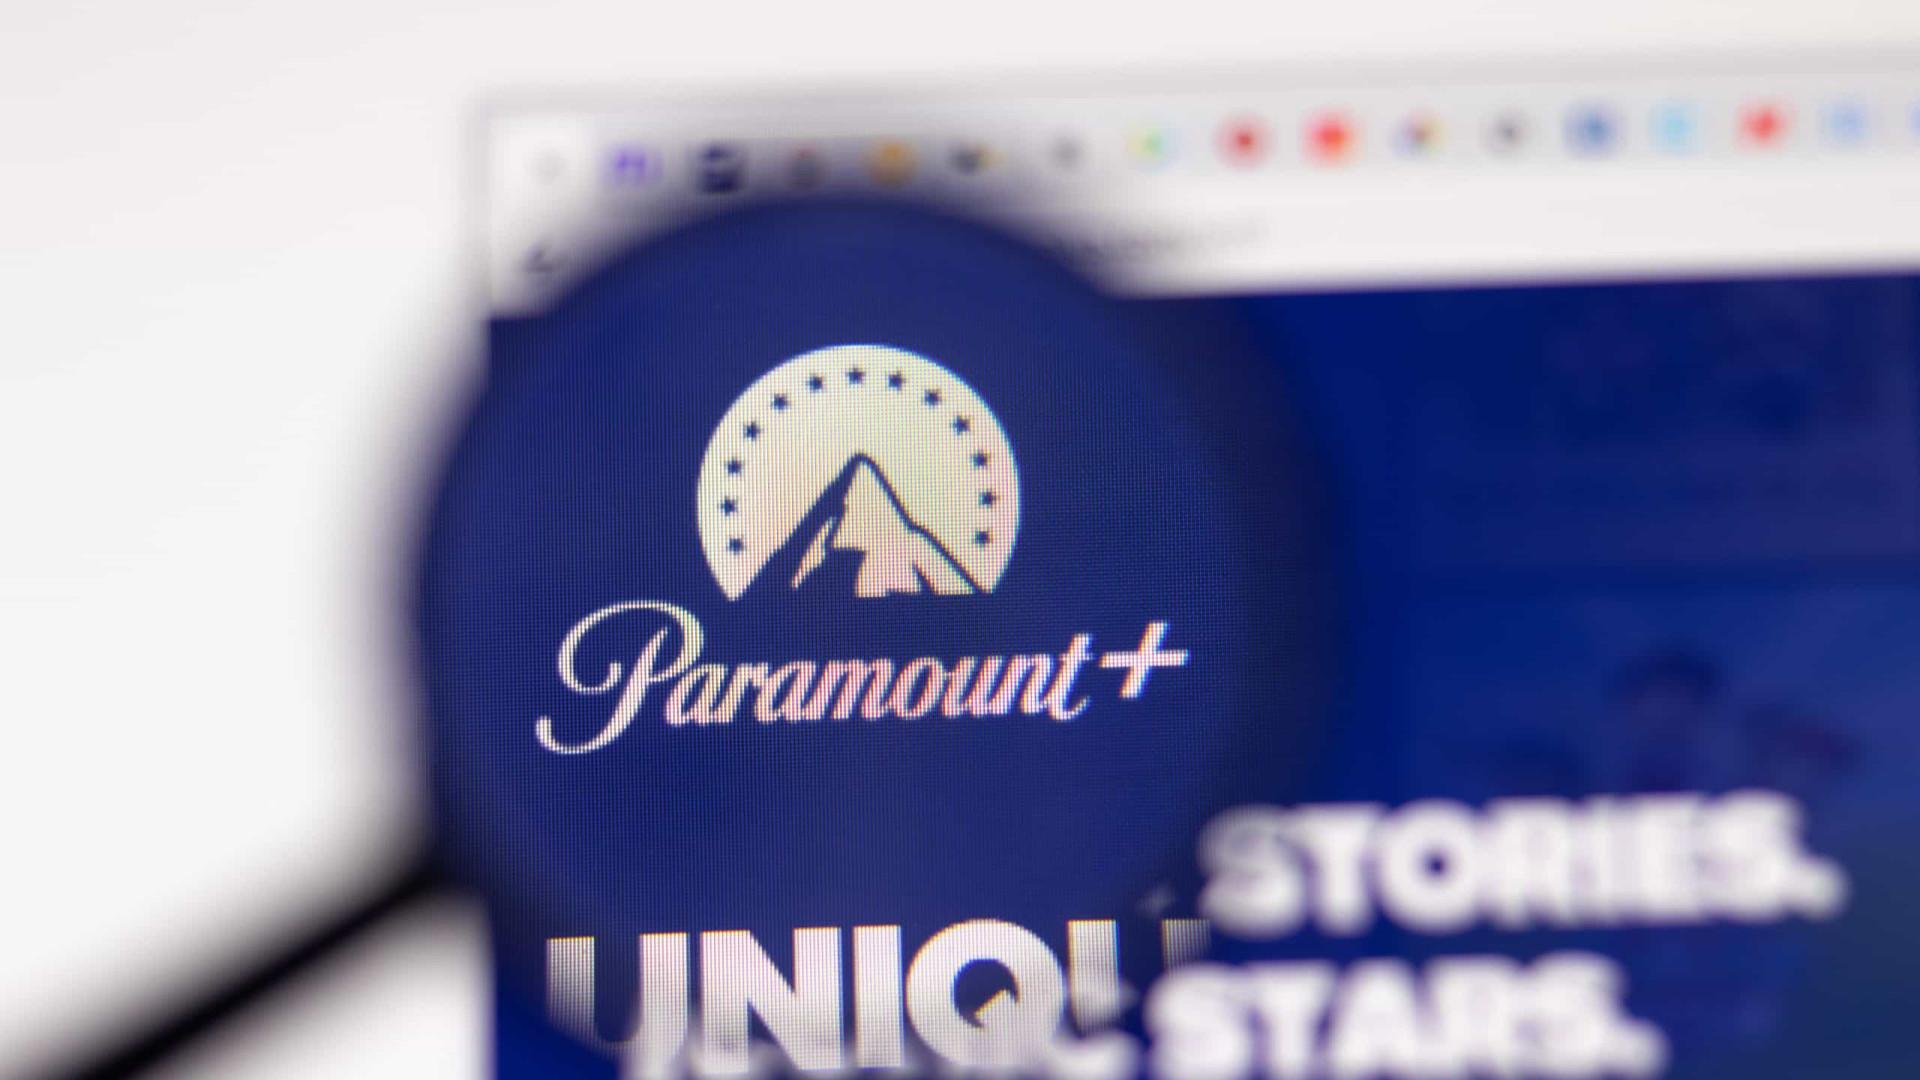 Streaming Paramount+ estreia com promessa de ressuscitar seus clássicos